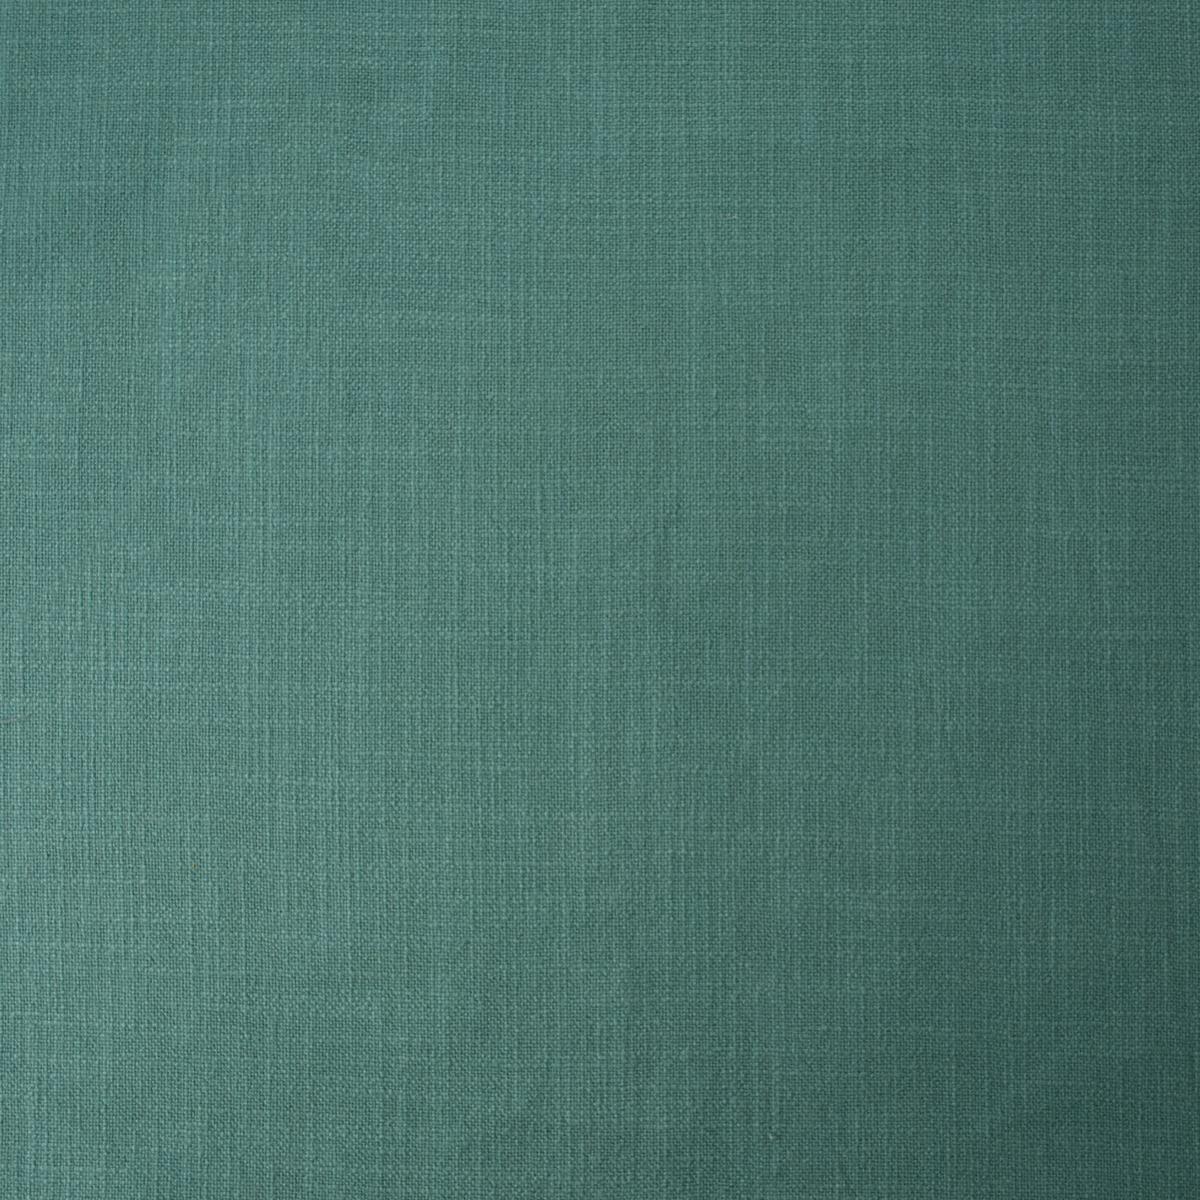 linen sea green